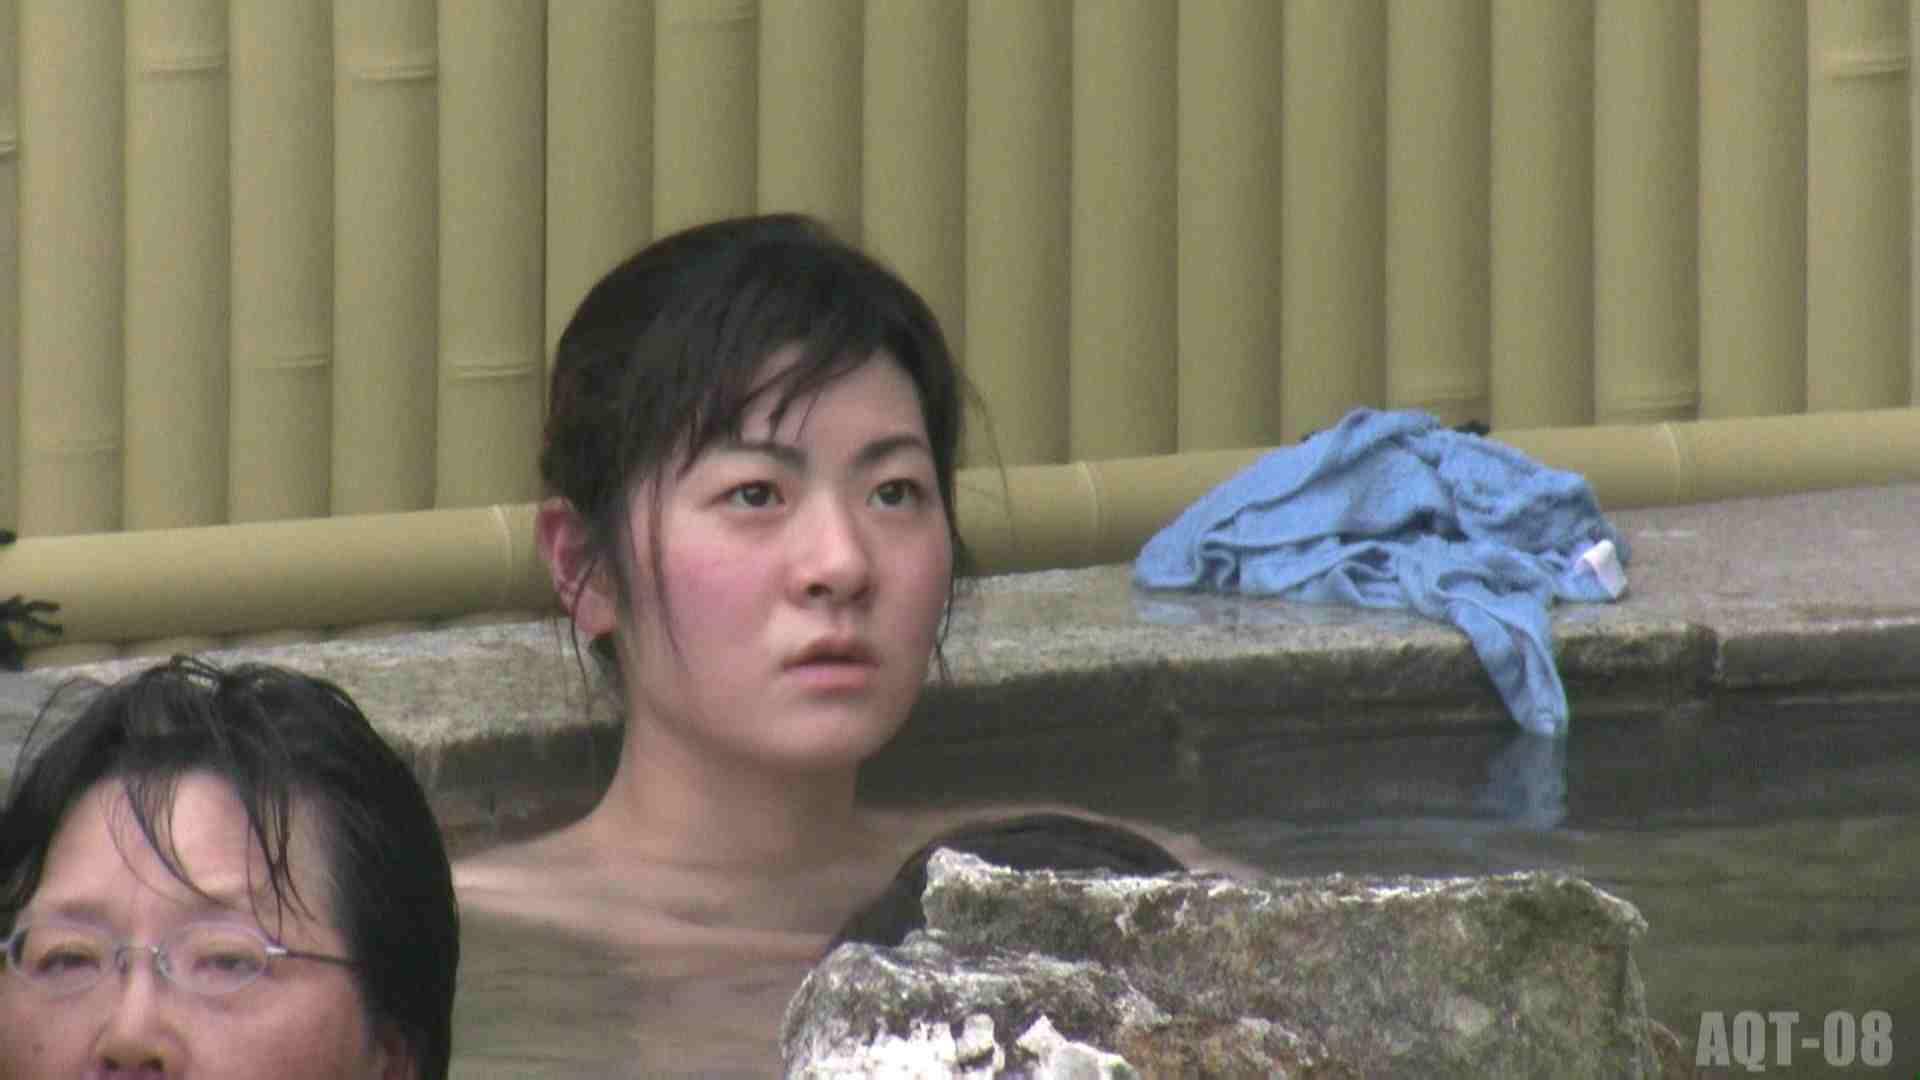 Aquaな露天風呂Vol.774 エッチな盗撮 ワレメ動画紹介 83pic 75